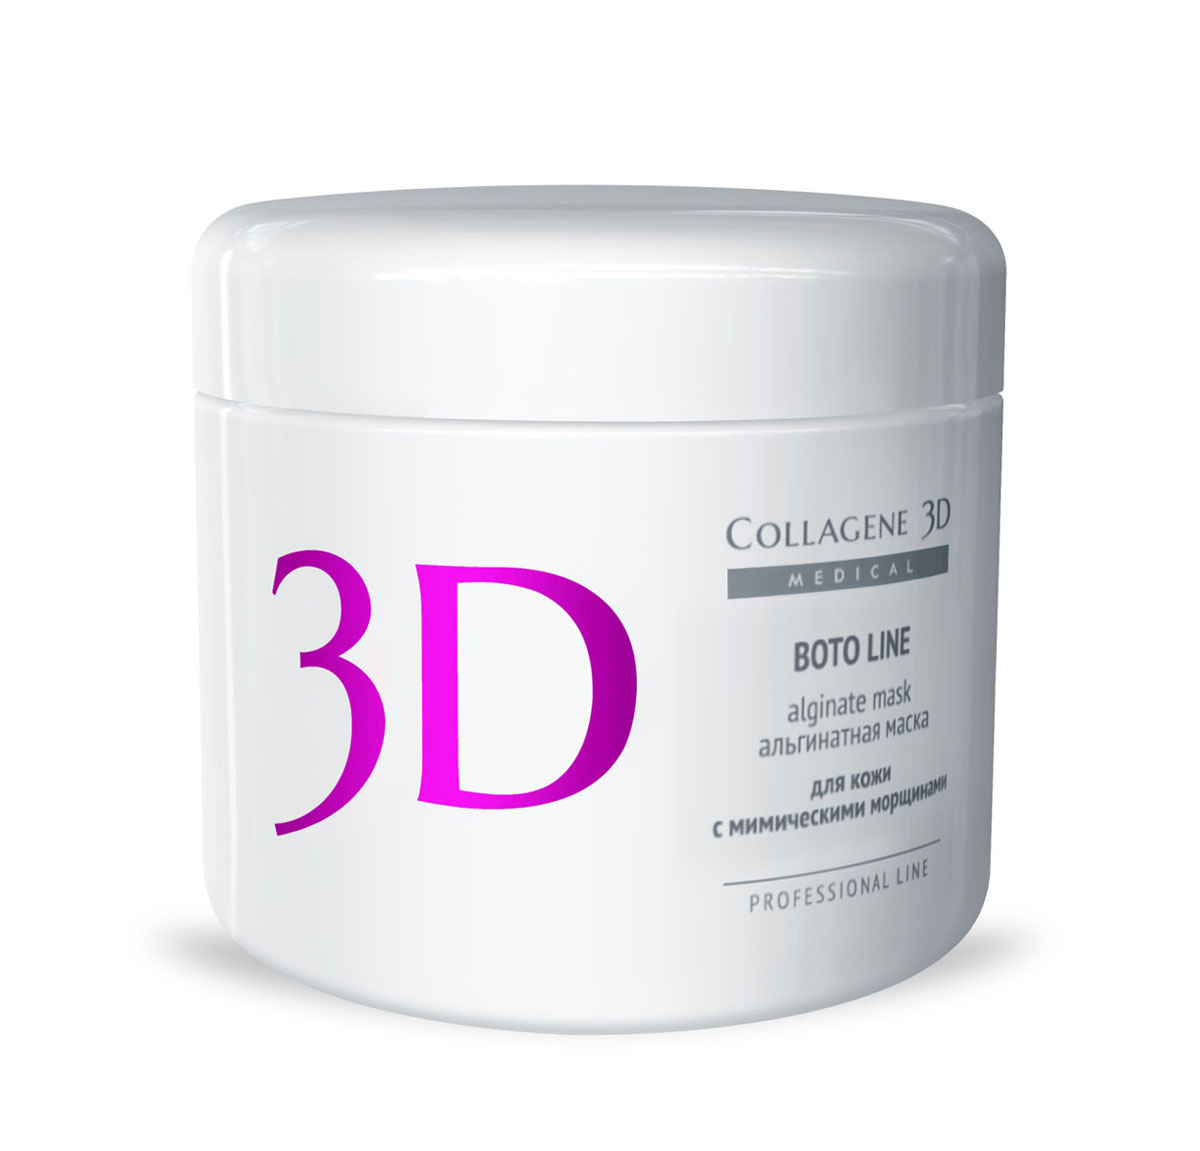 Medical Collagene 3D Альгинатная маска для лица и тела Boto Line, 200 гAC-2233_серыйВысокоэффективная, пластифицирующая маска на основе лучшего натурального сырья. Безопасная альтернатива инъекциям ботокса, приводит к естественному разглаживанию мимических морщин.